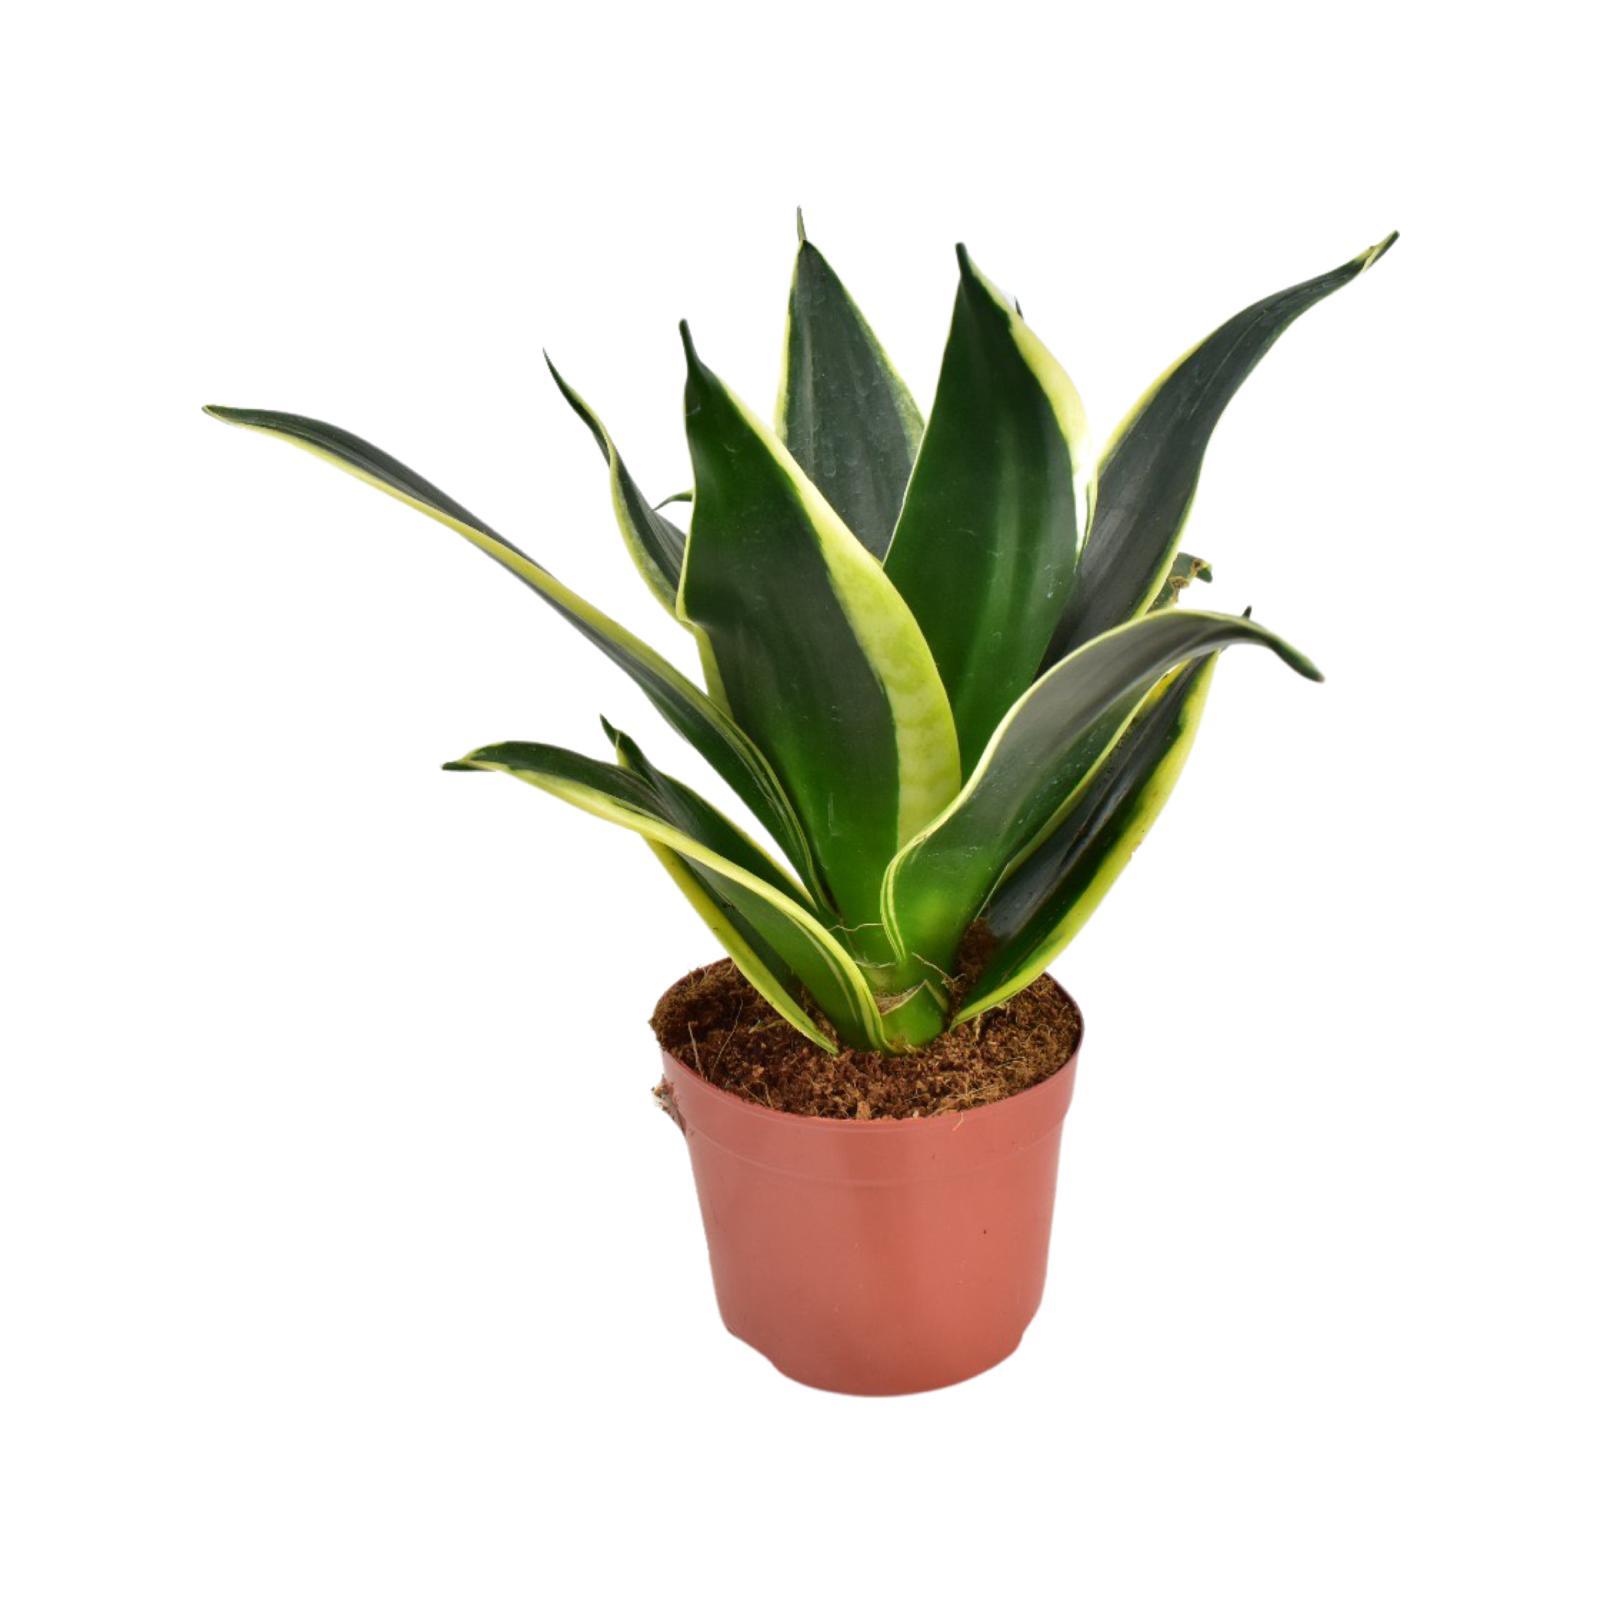 Sanseivieria Golden Plant Wholesale Plants